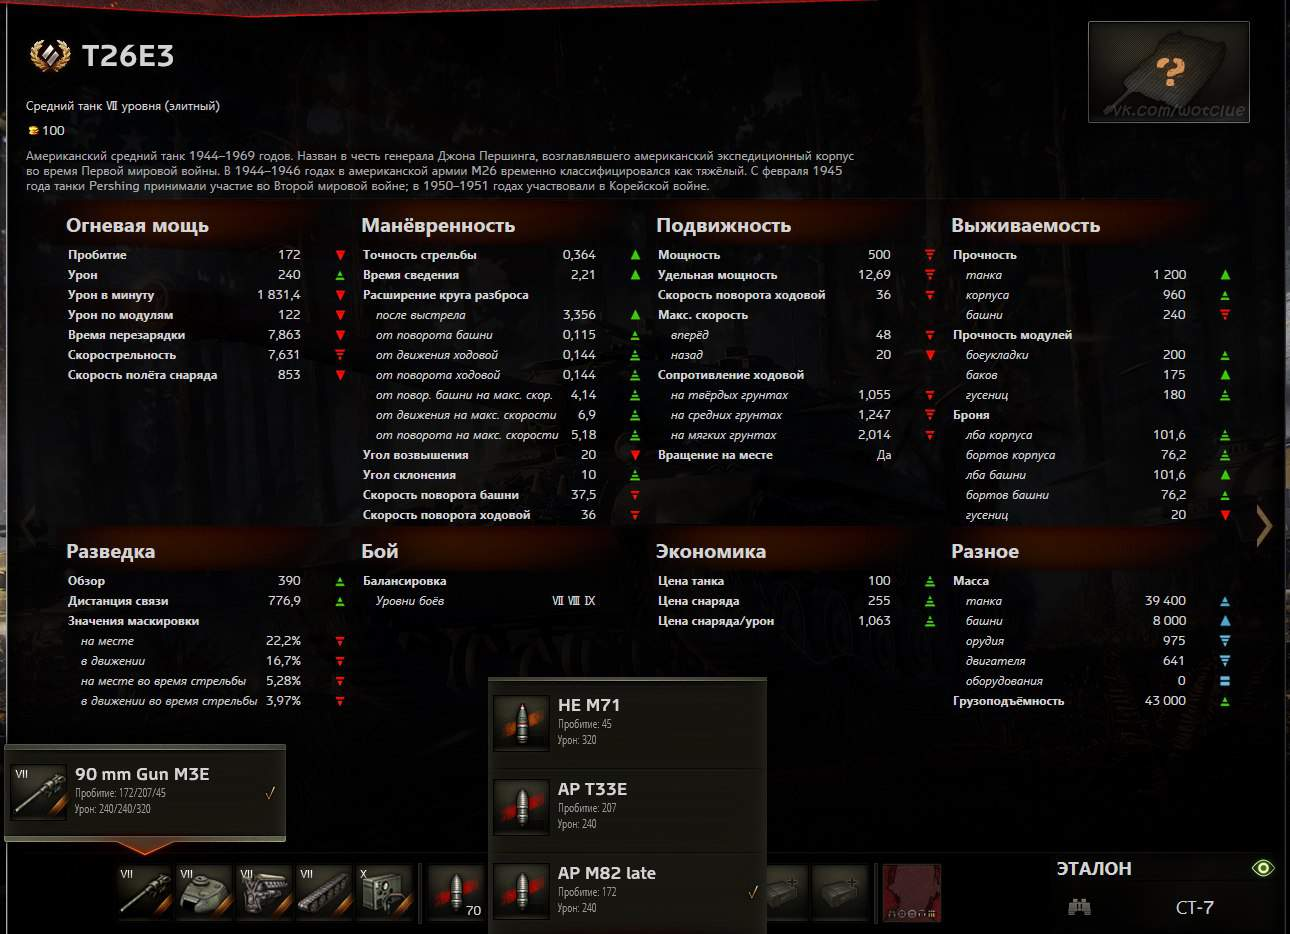 T26E3: тактико-технические характеристики